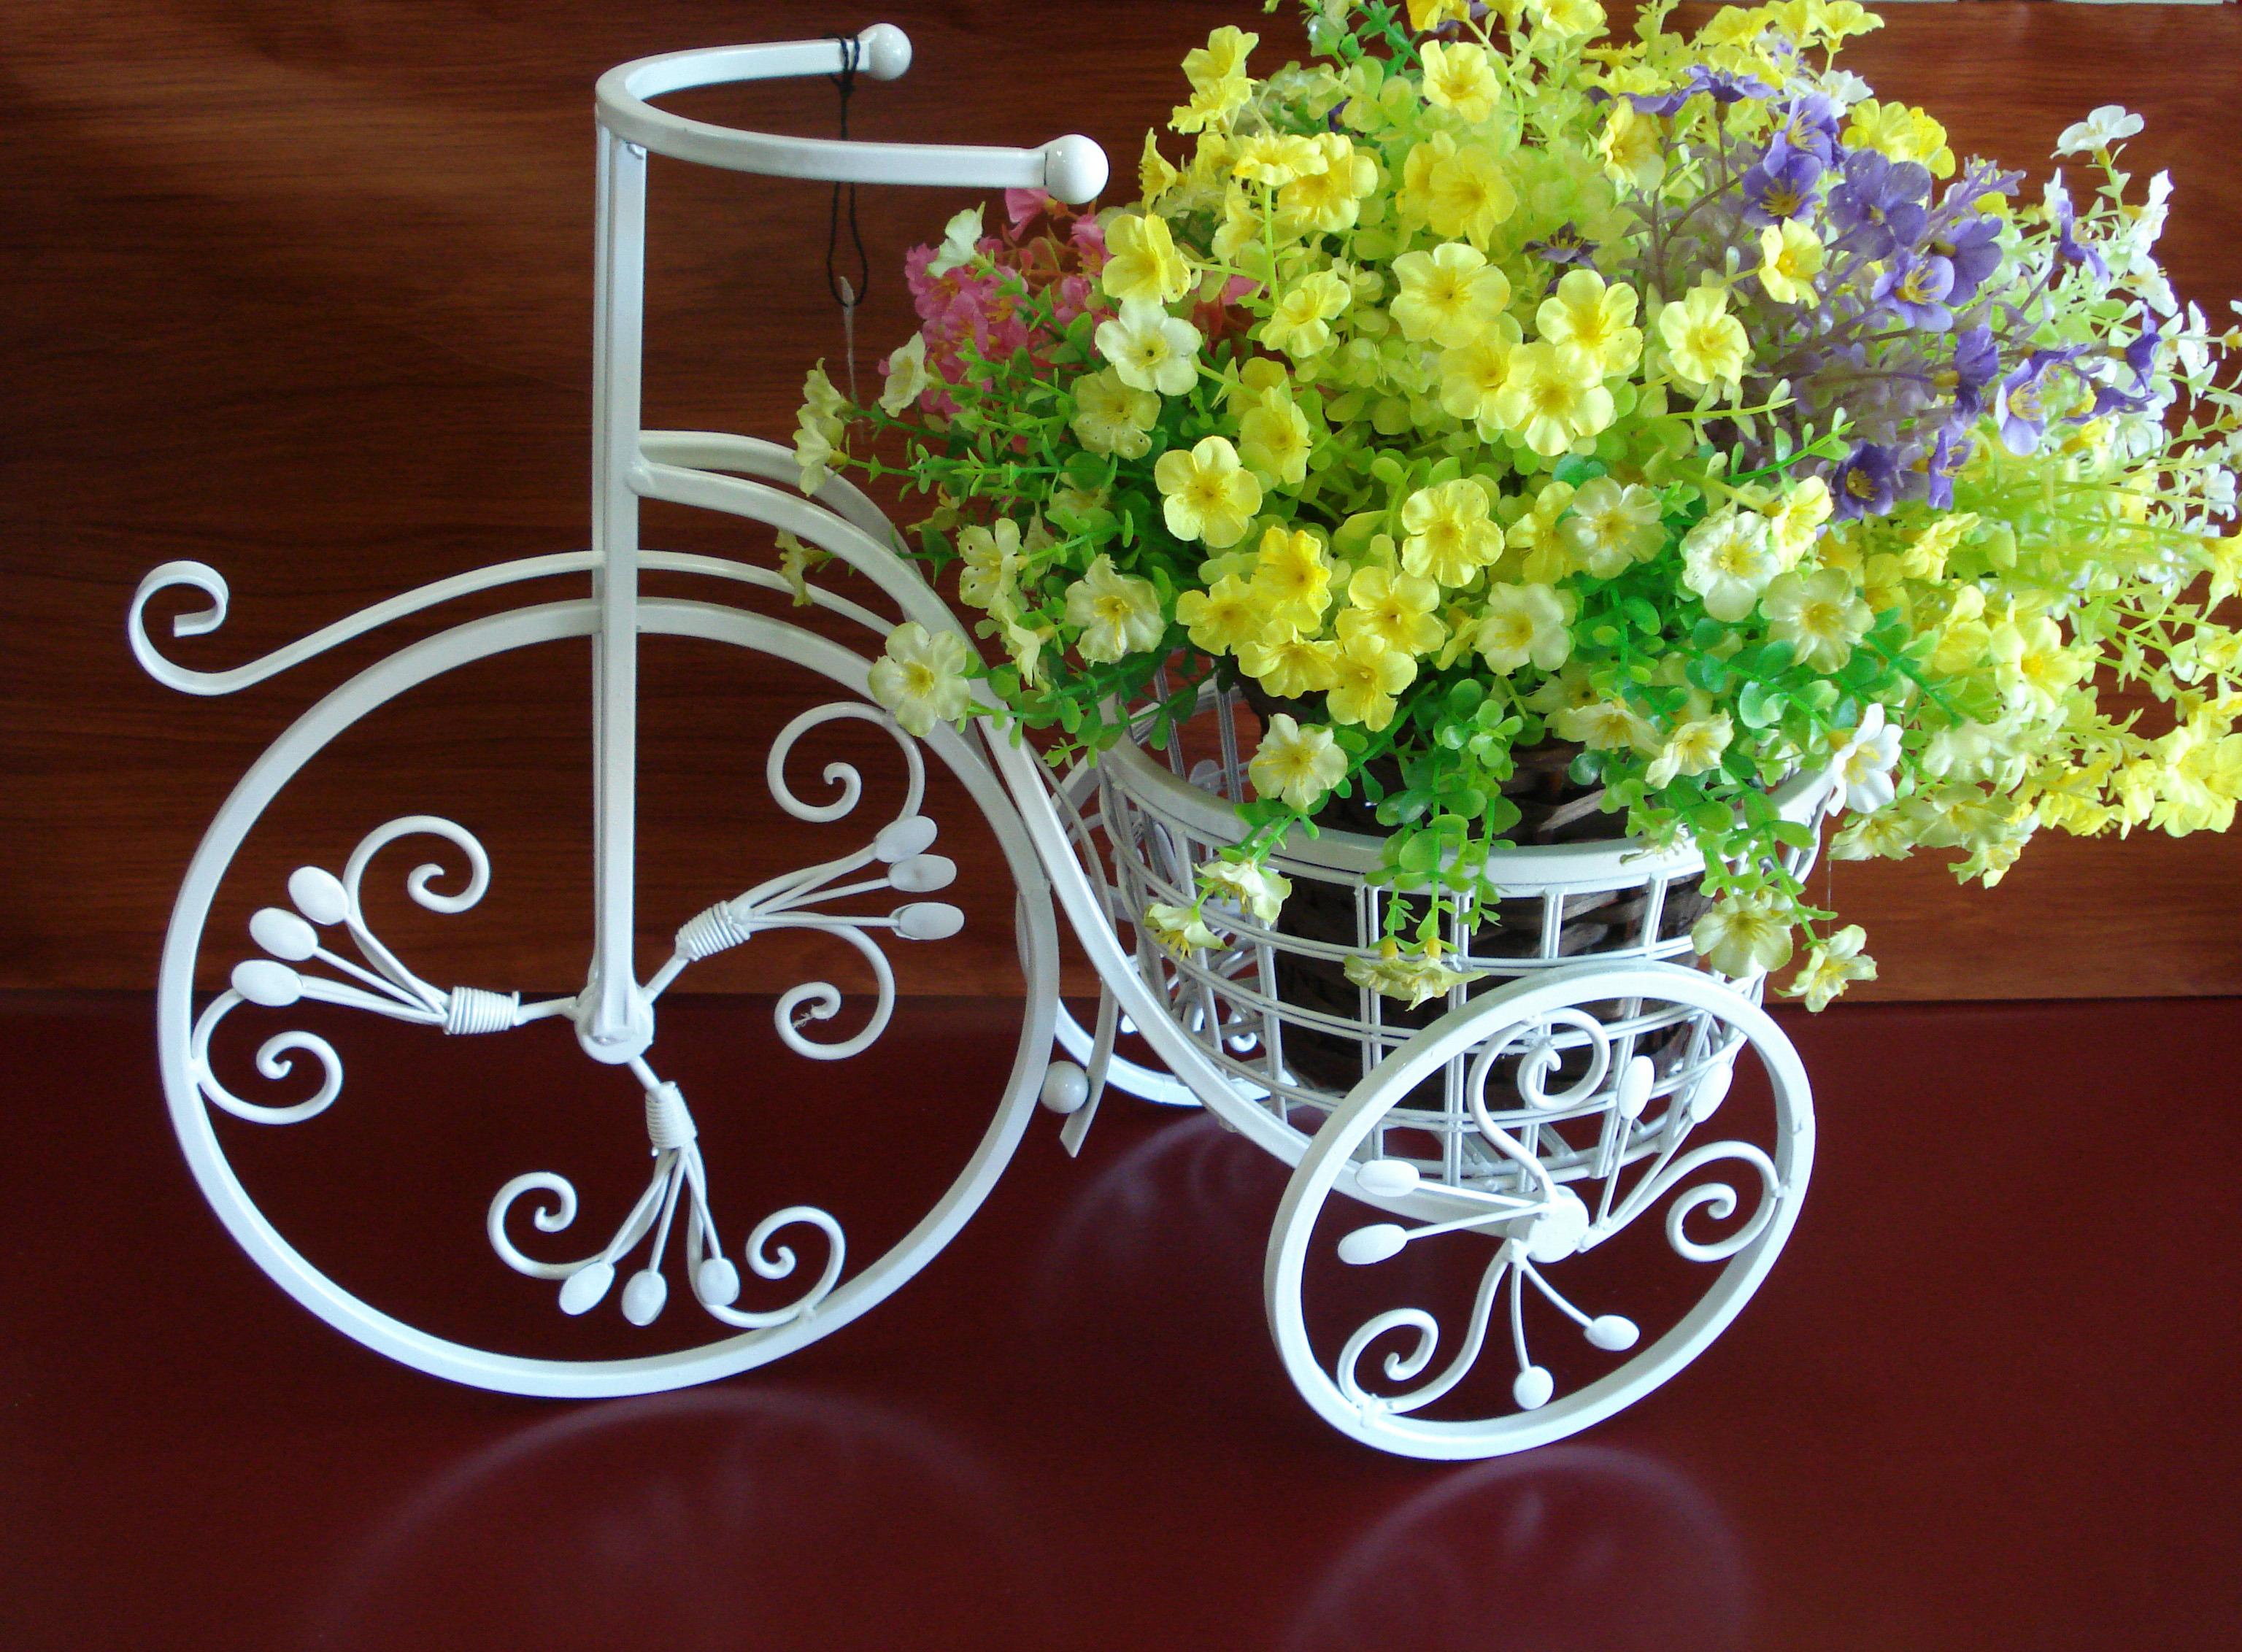 enfeite jardim bicicleta:Bicicleta Ferro Para Decoração Jardim 10 Bicicleta Ferro Para